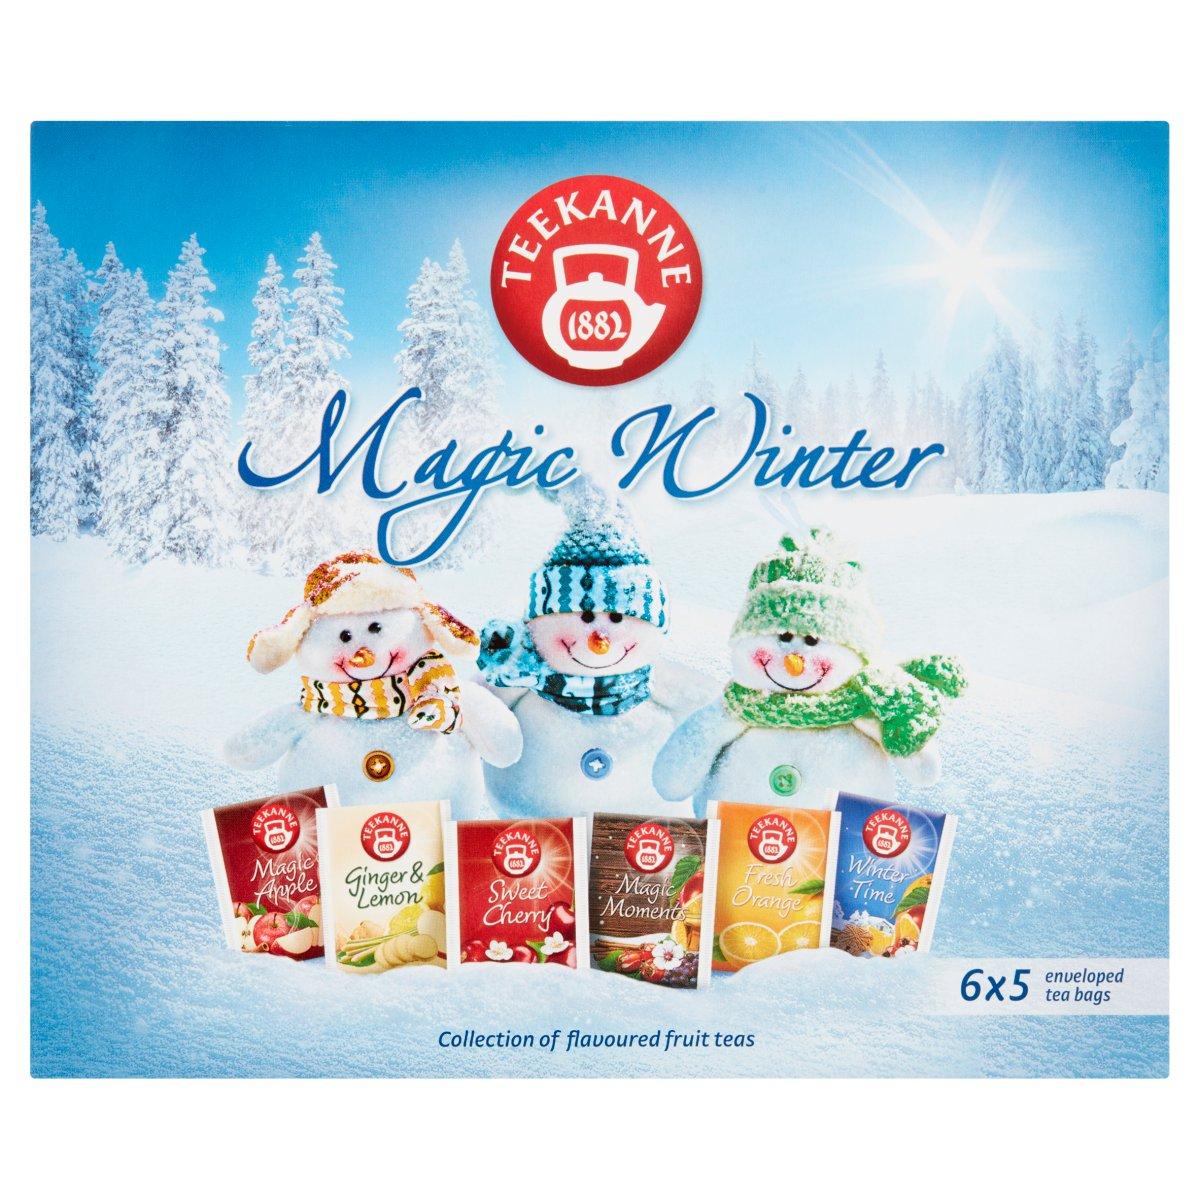 Teekanne Magic Winter Aromatyzowana mieszanka herbatek 68,75g (6 x 5 tor) (2)